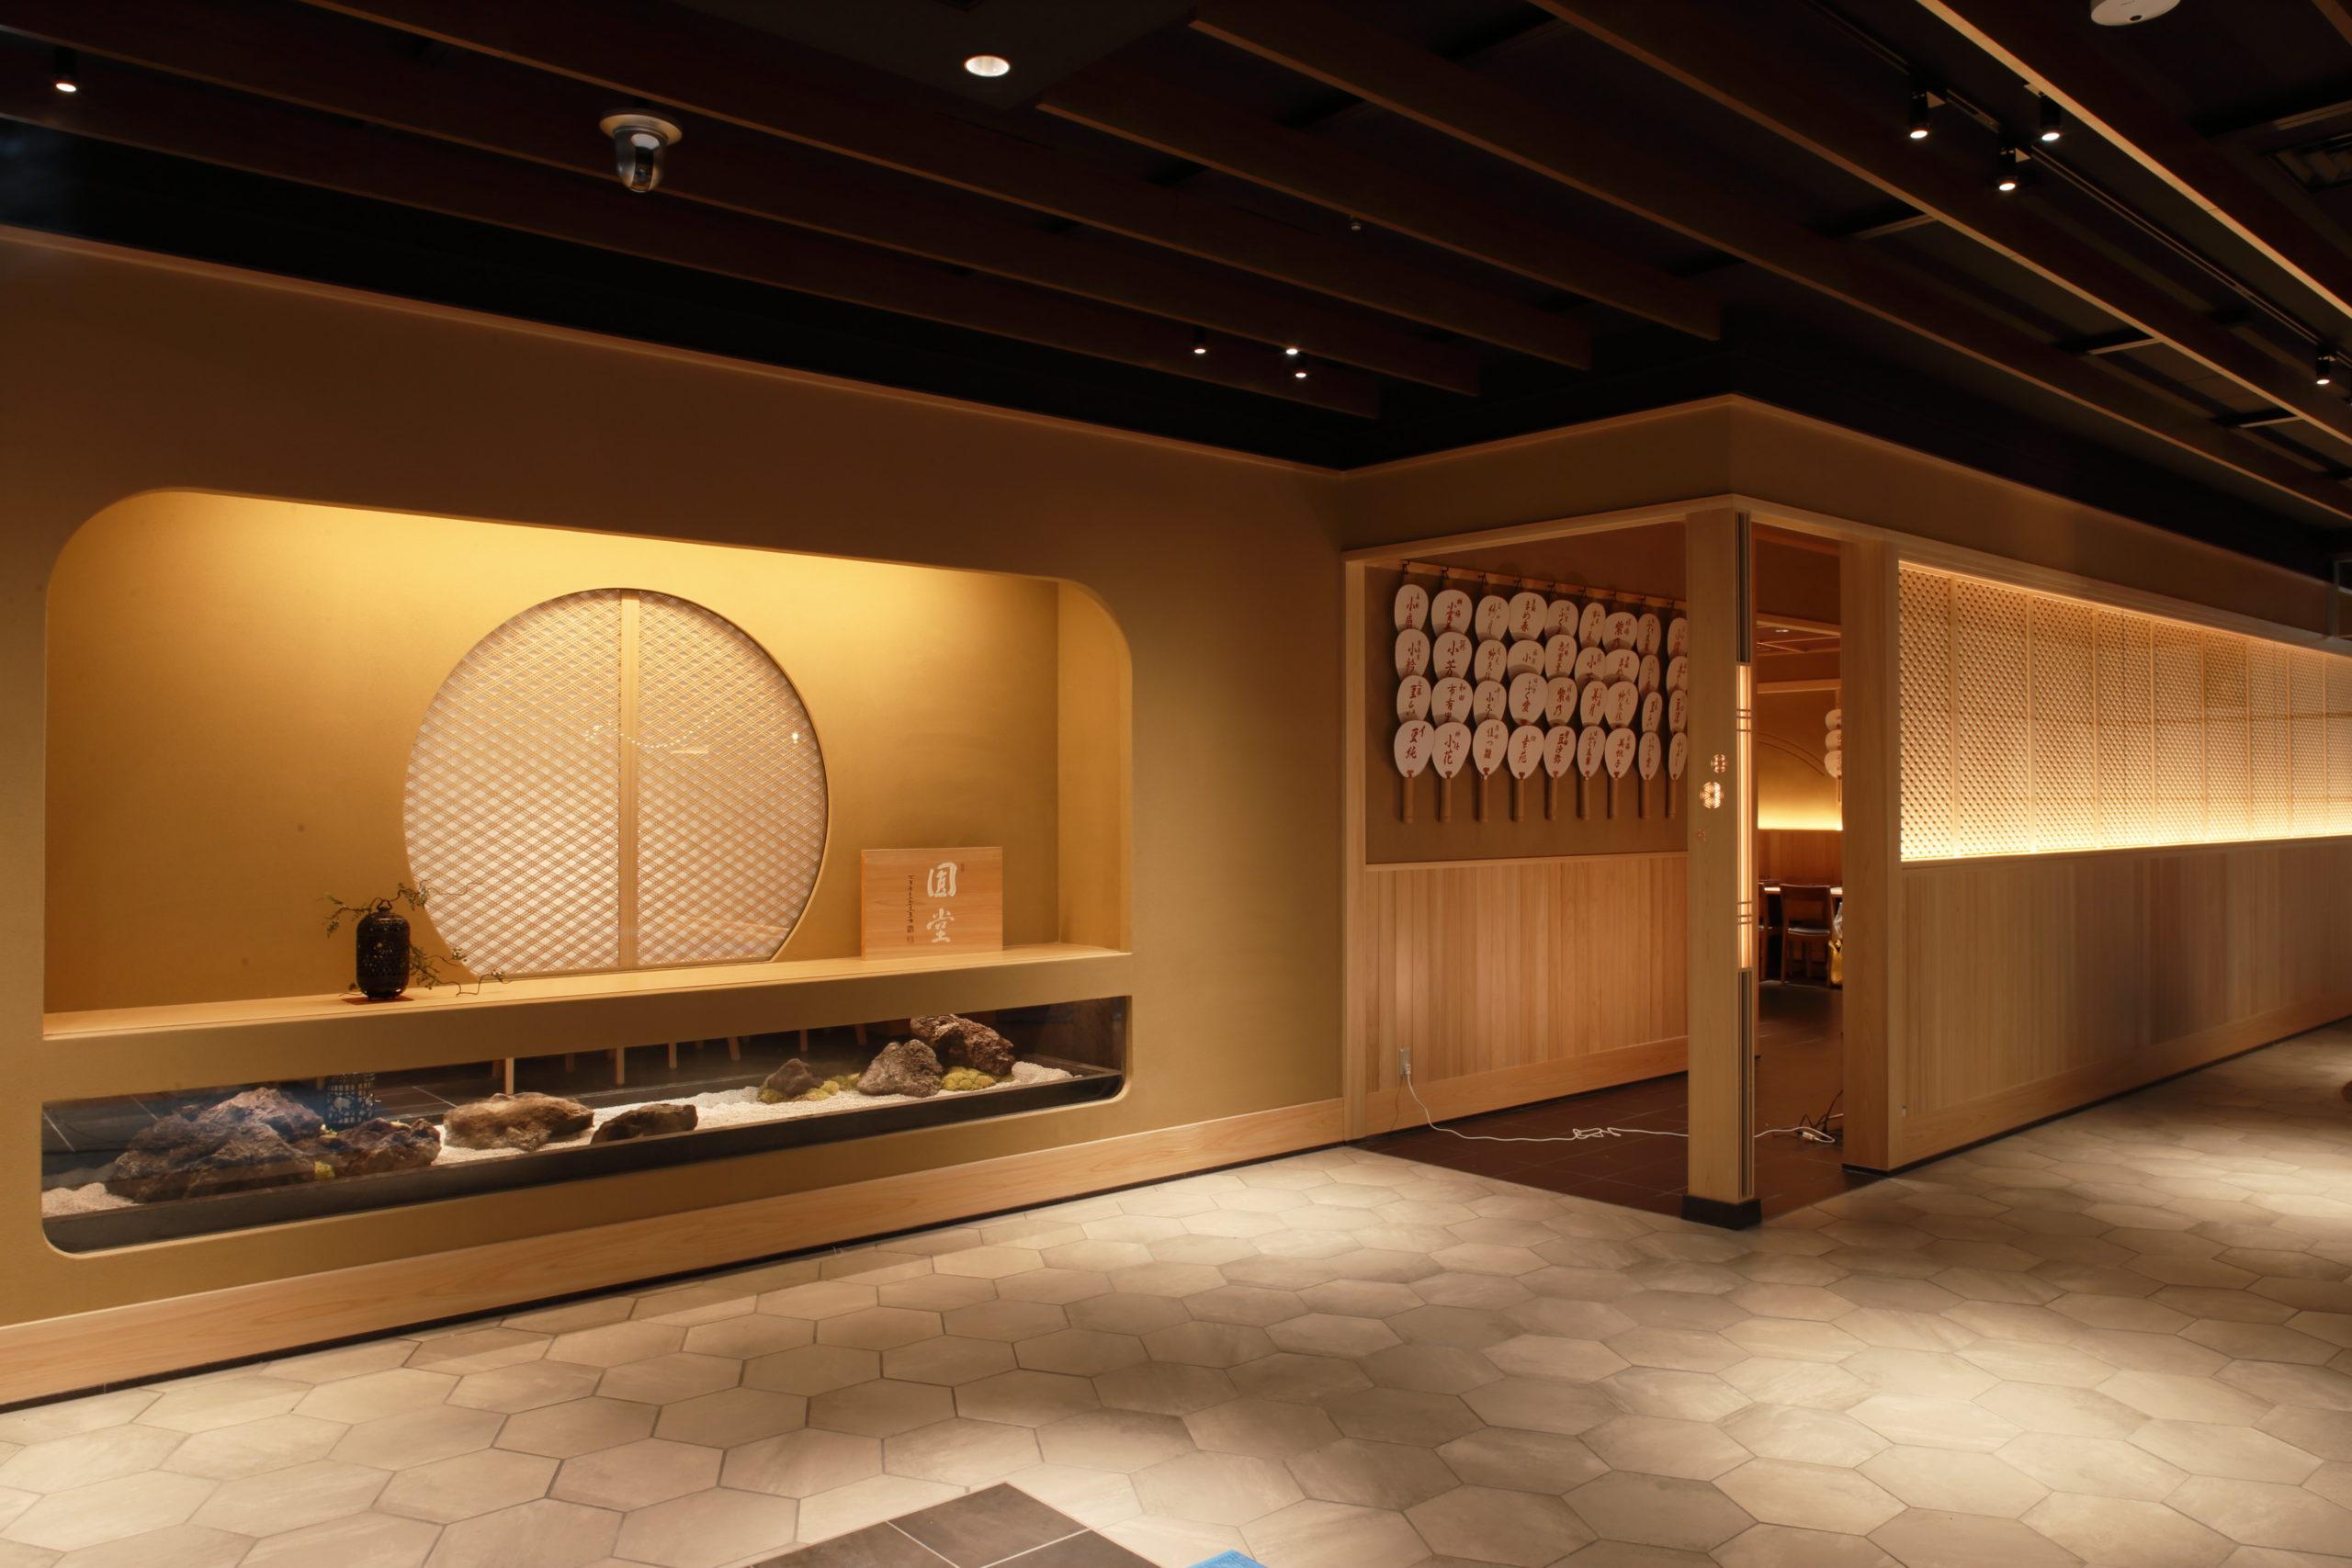 2019年9月20日、大丸心斎橋店にオープンしたお茶屋バー「近江榮」。